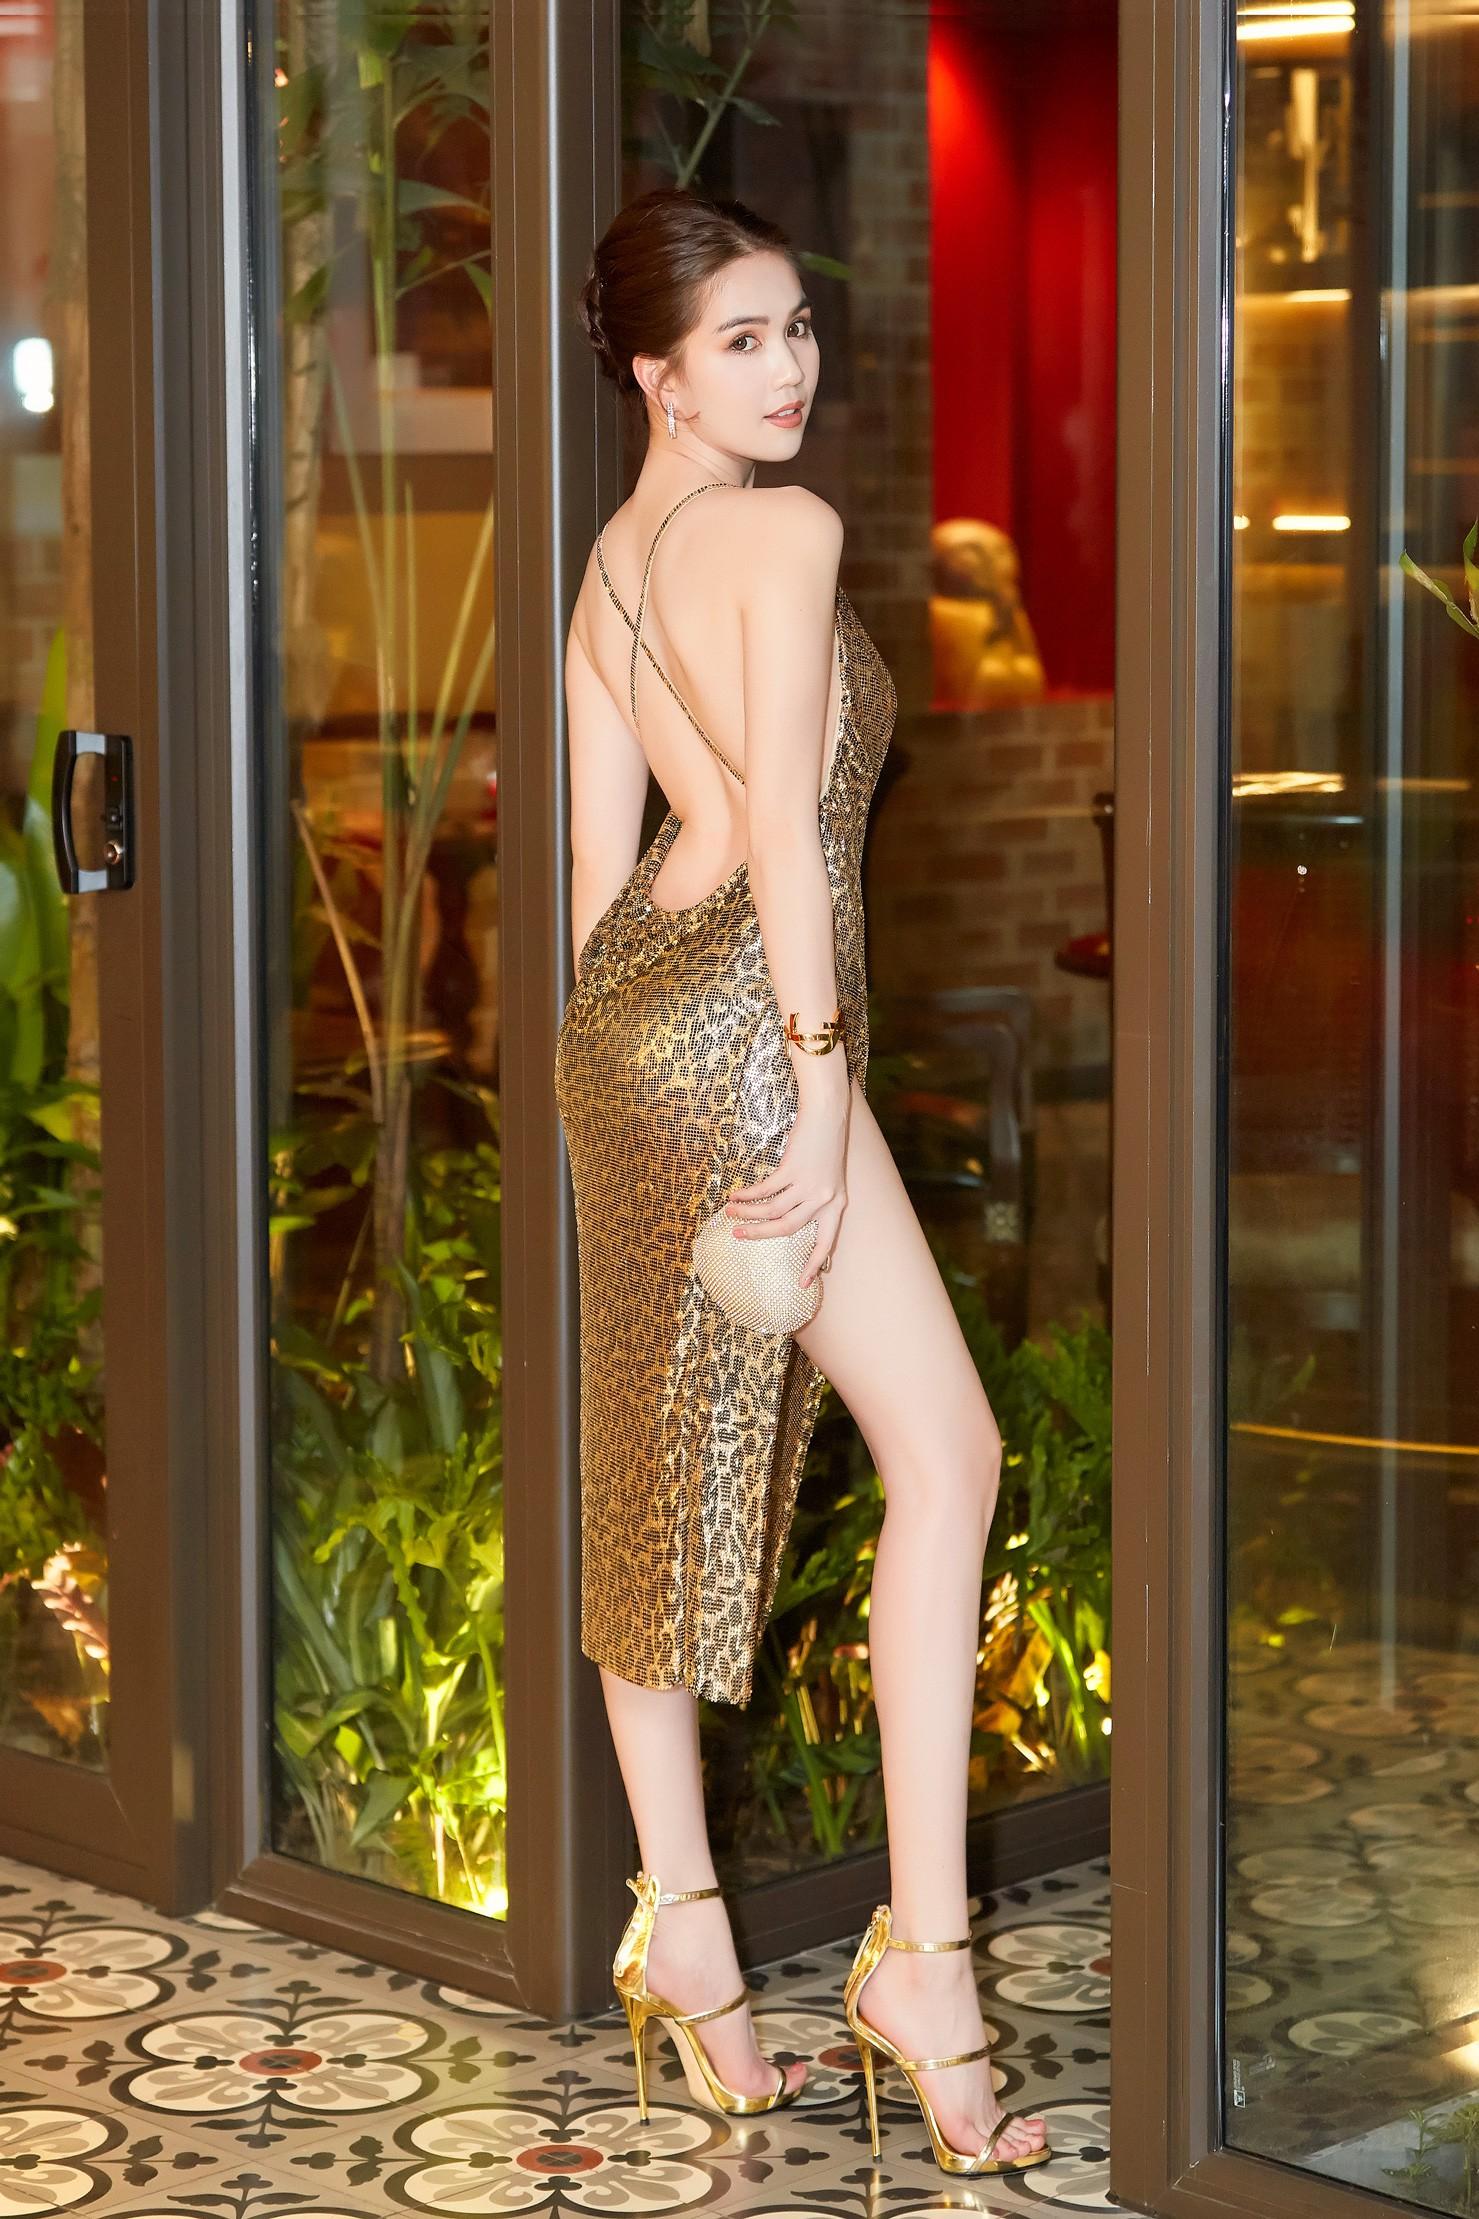 Ngọc Trinh diện váy sexy, khoe lưng trần cùng đôi chân dài miên man giữa sự kiện - Ảnh 1.